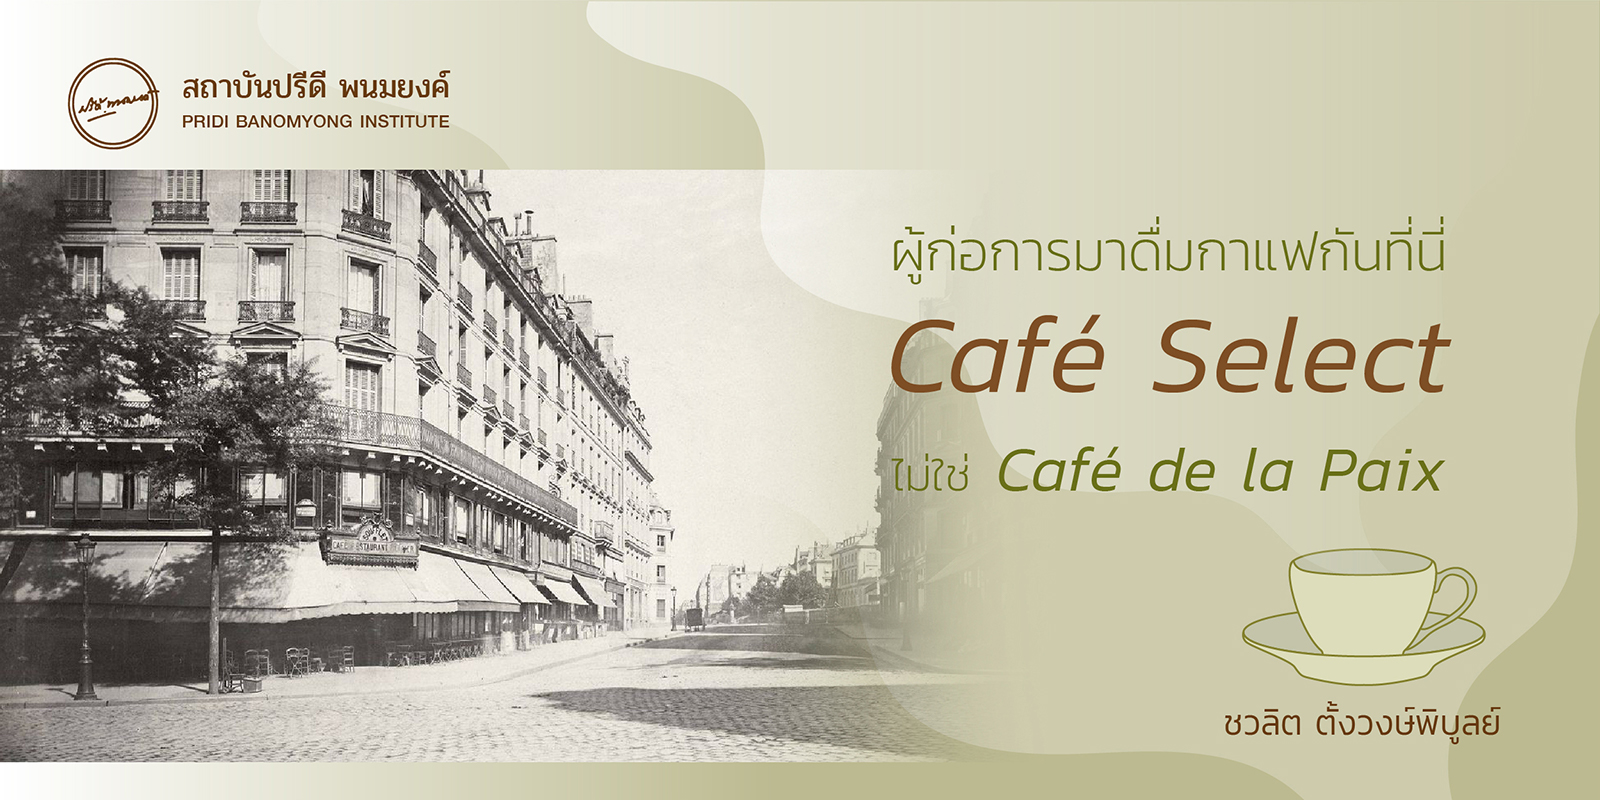 ผู้ก่อการมาดื่มกาแฟกันที่นี่: Café Select ไม่ใช่ Café de la Paix